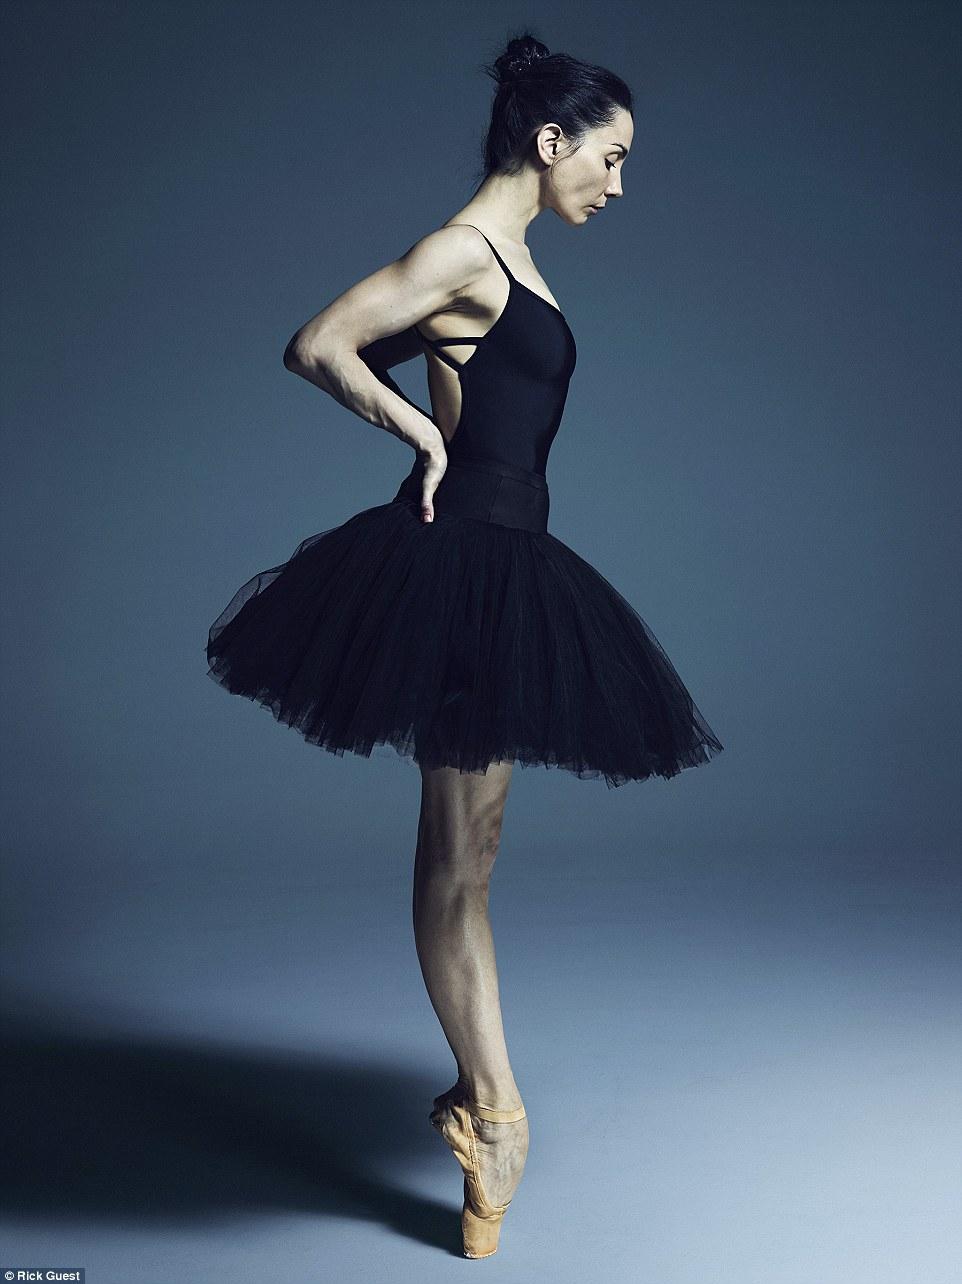 Неймовірні фото танцюристів балету підірвали мережу  - фото 6